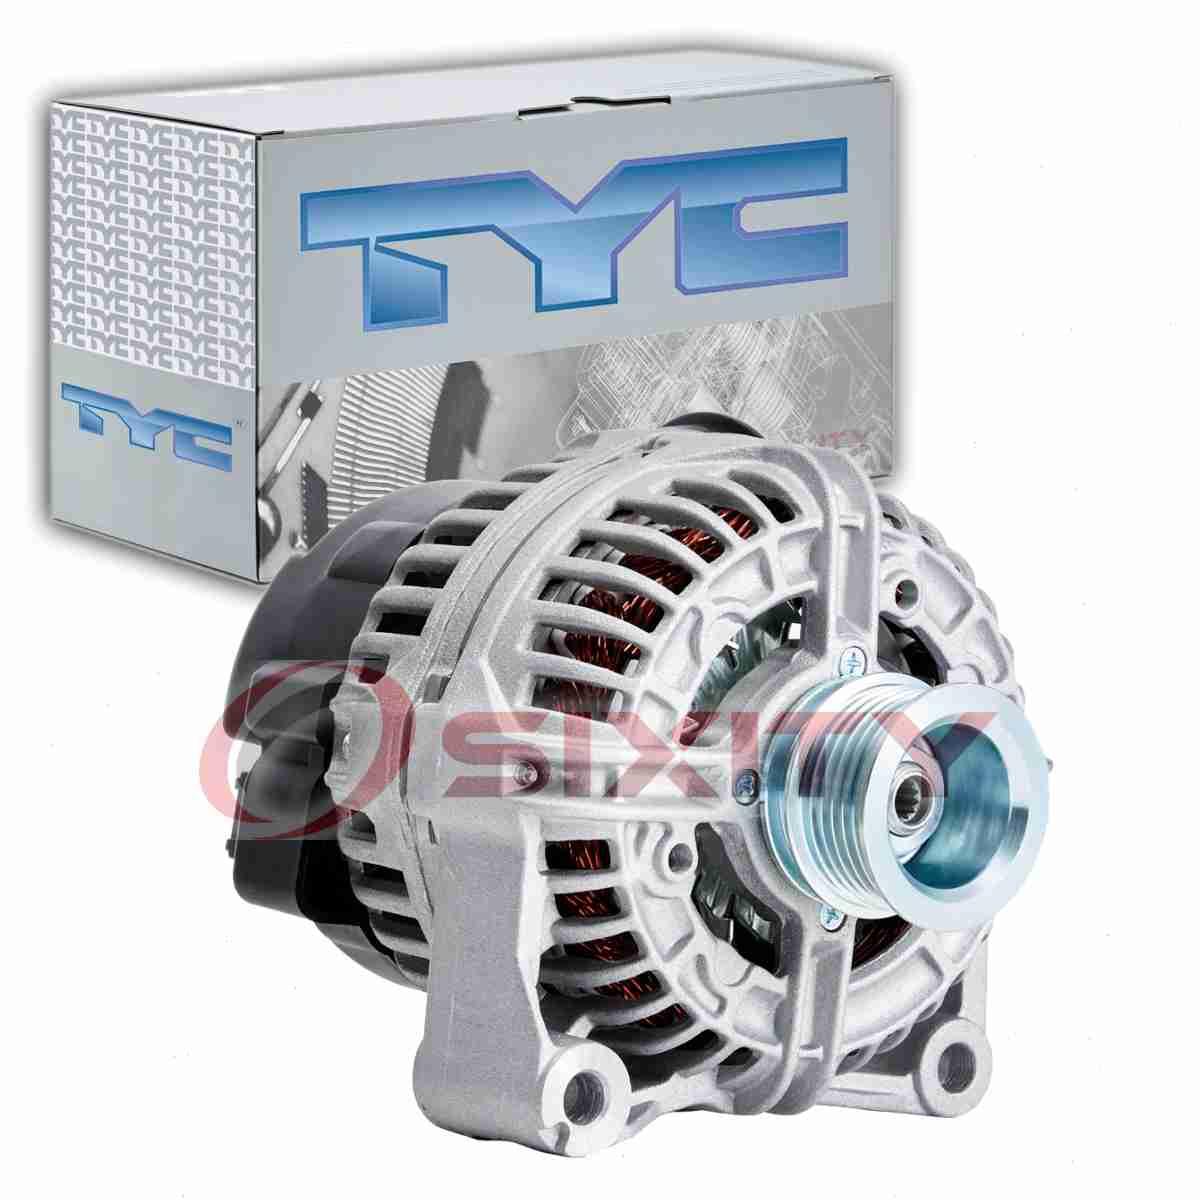 TYC Alternator for 2002-2006 Chevrolet Trailblazer 4.2L L6 sj